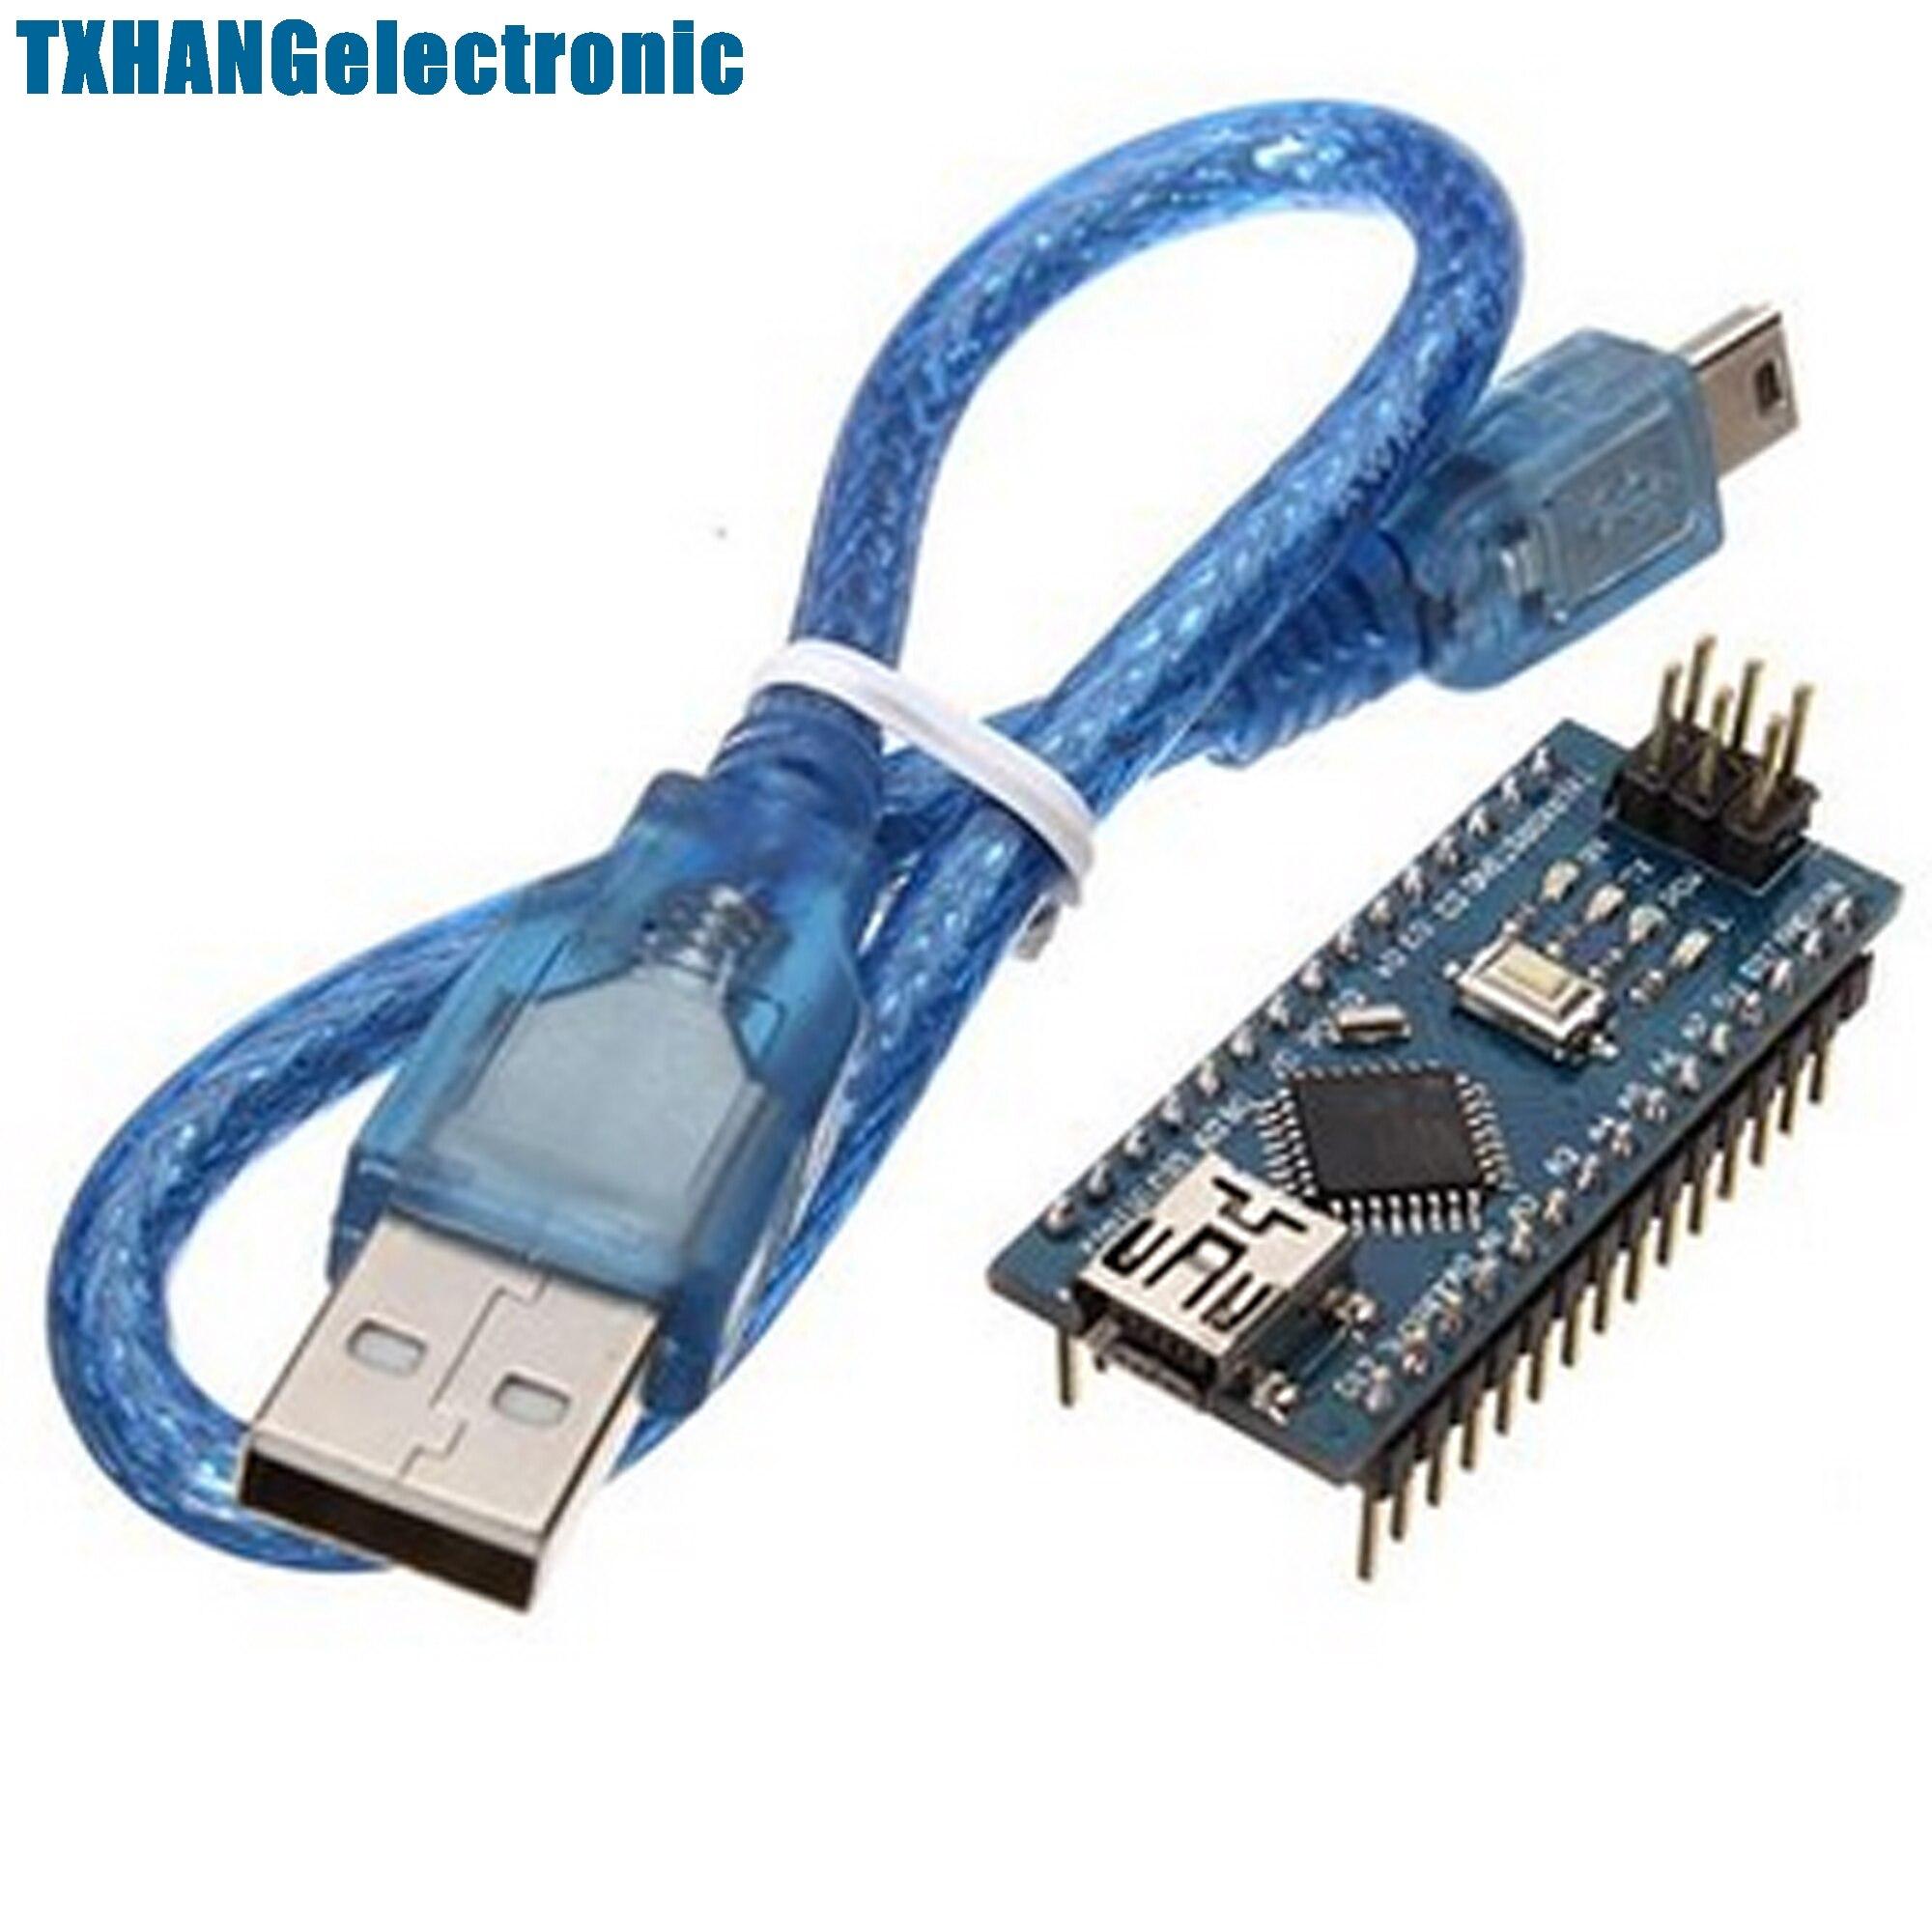 10 pièces CH340 USB Nano V3.0 ATmega328P 5 V 16 M carte Micro-contrôleur + câble